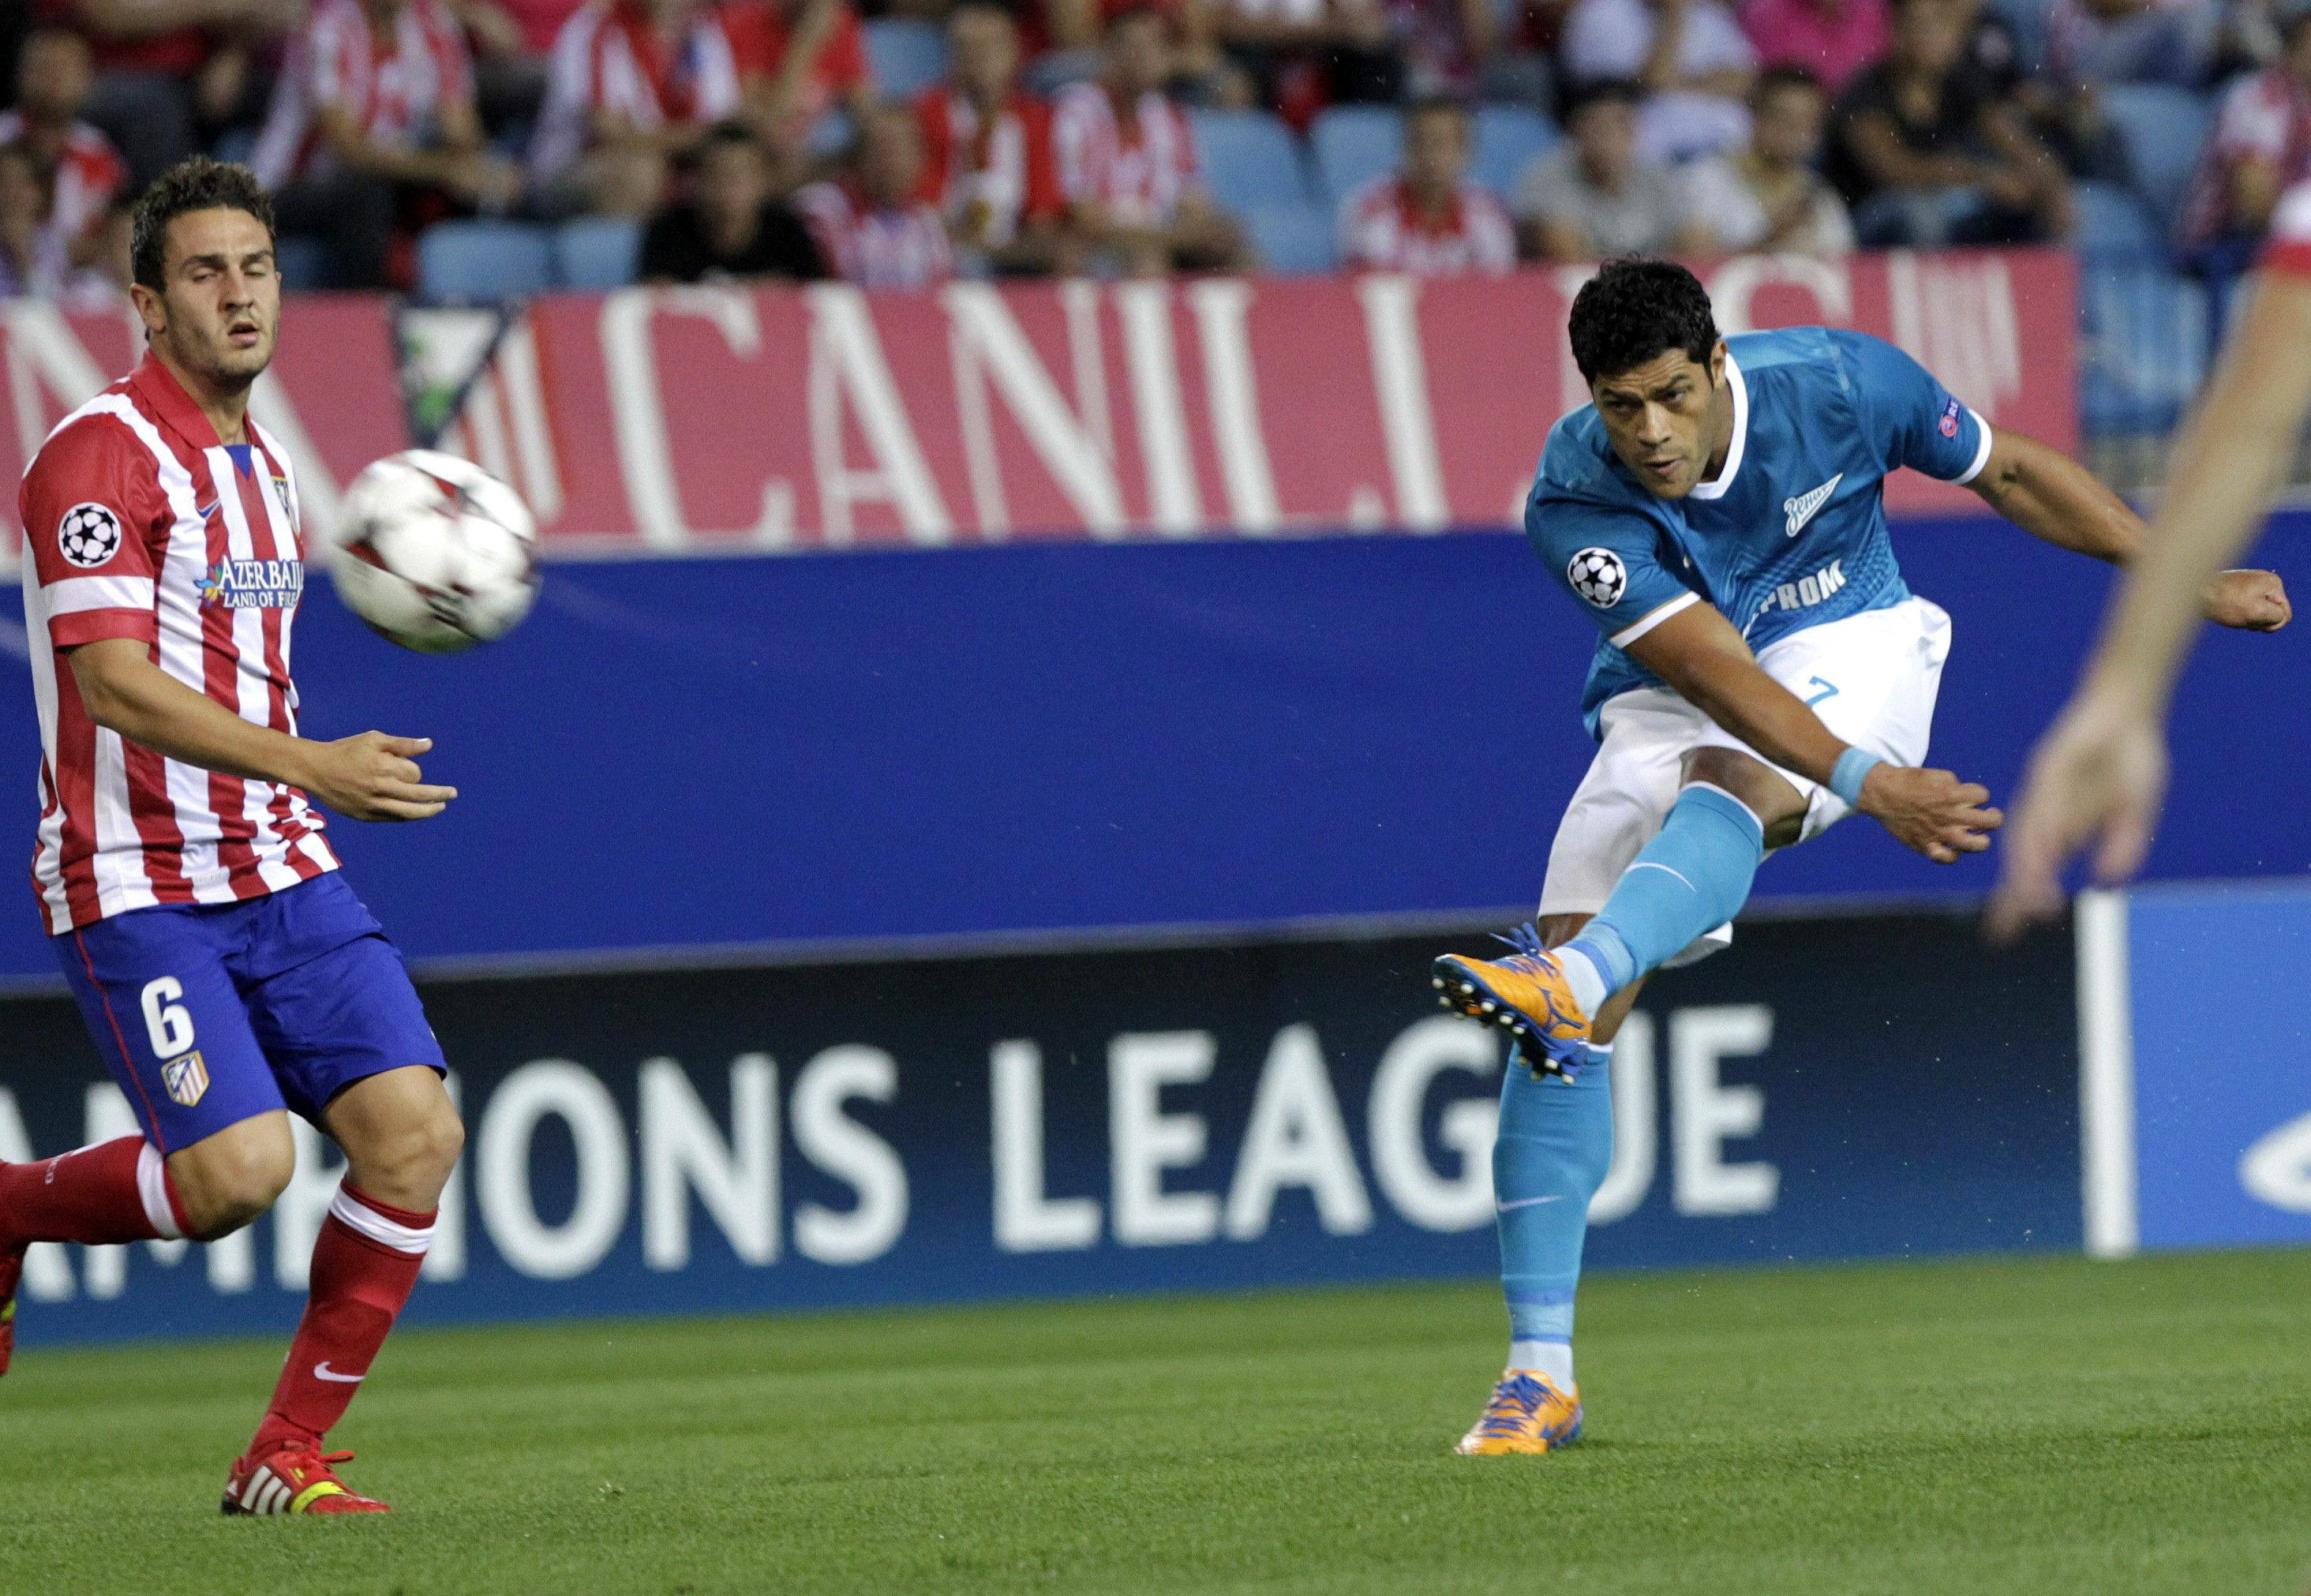 El fútbol, la pasión y la competitividad del Atlético derriban al Zenit